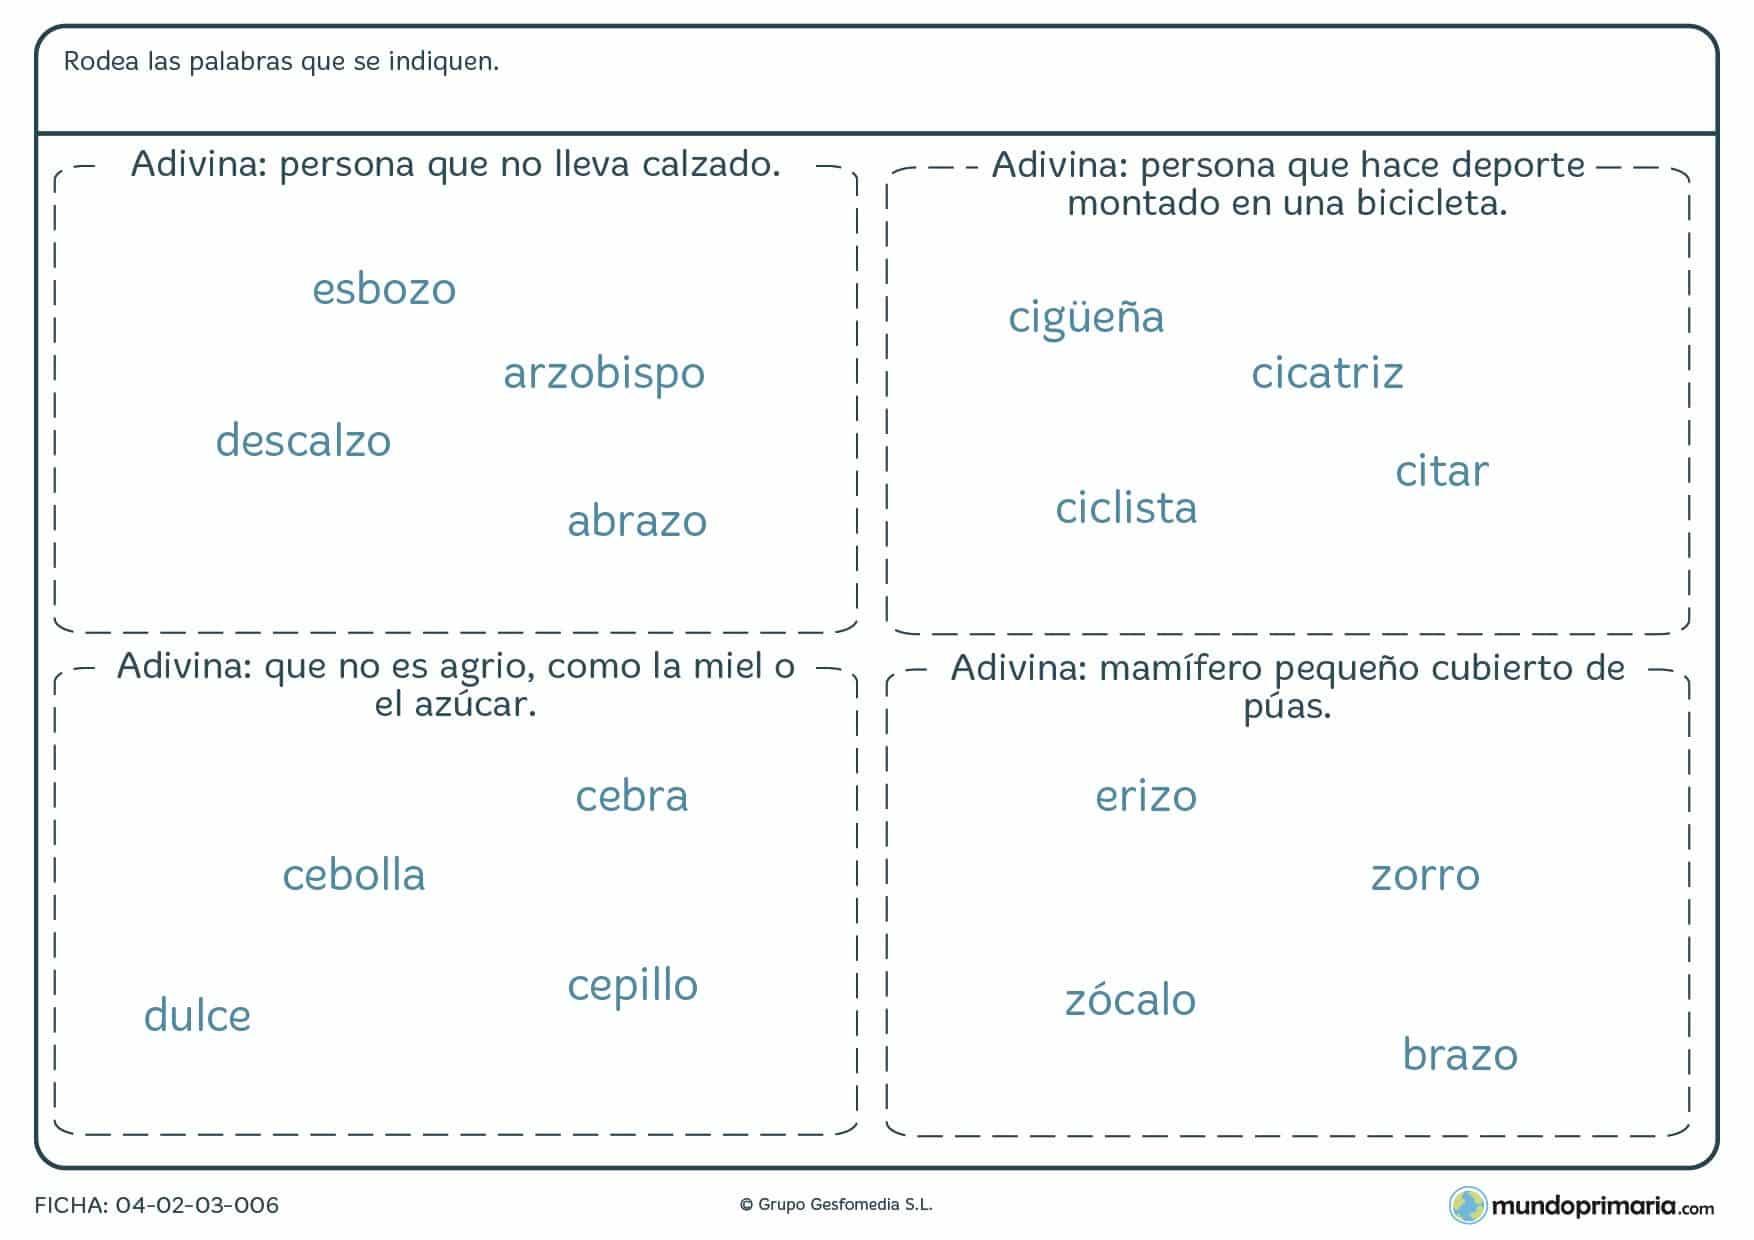 Ficha de adivinar el objeto con z según la definición en la que, observando la descripción dada, hay que identificar la palabra que se corresponde con ésta.